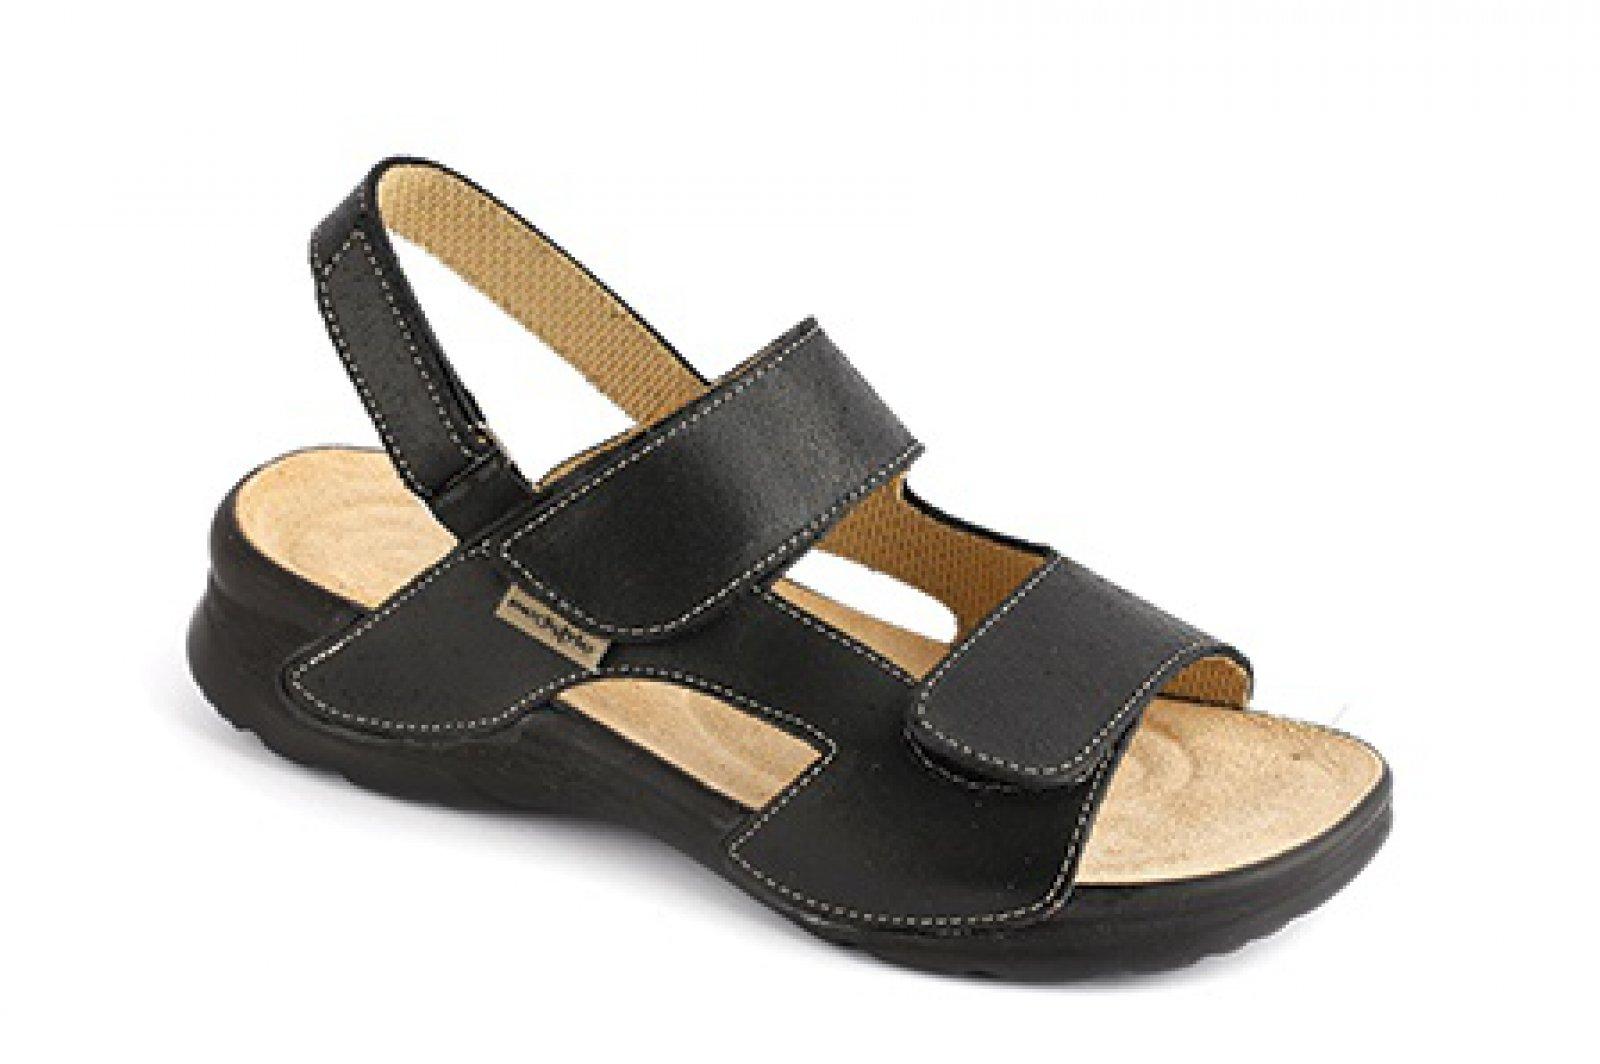 fbdb6a8f30e1 dámské sandály Medistyle Mirka černé